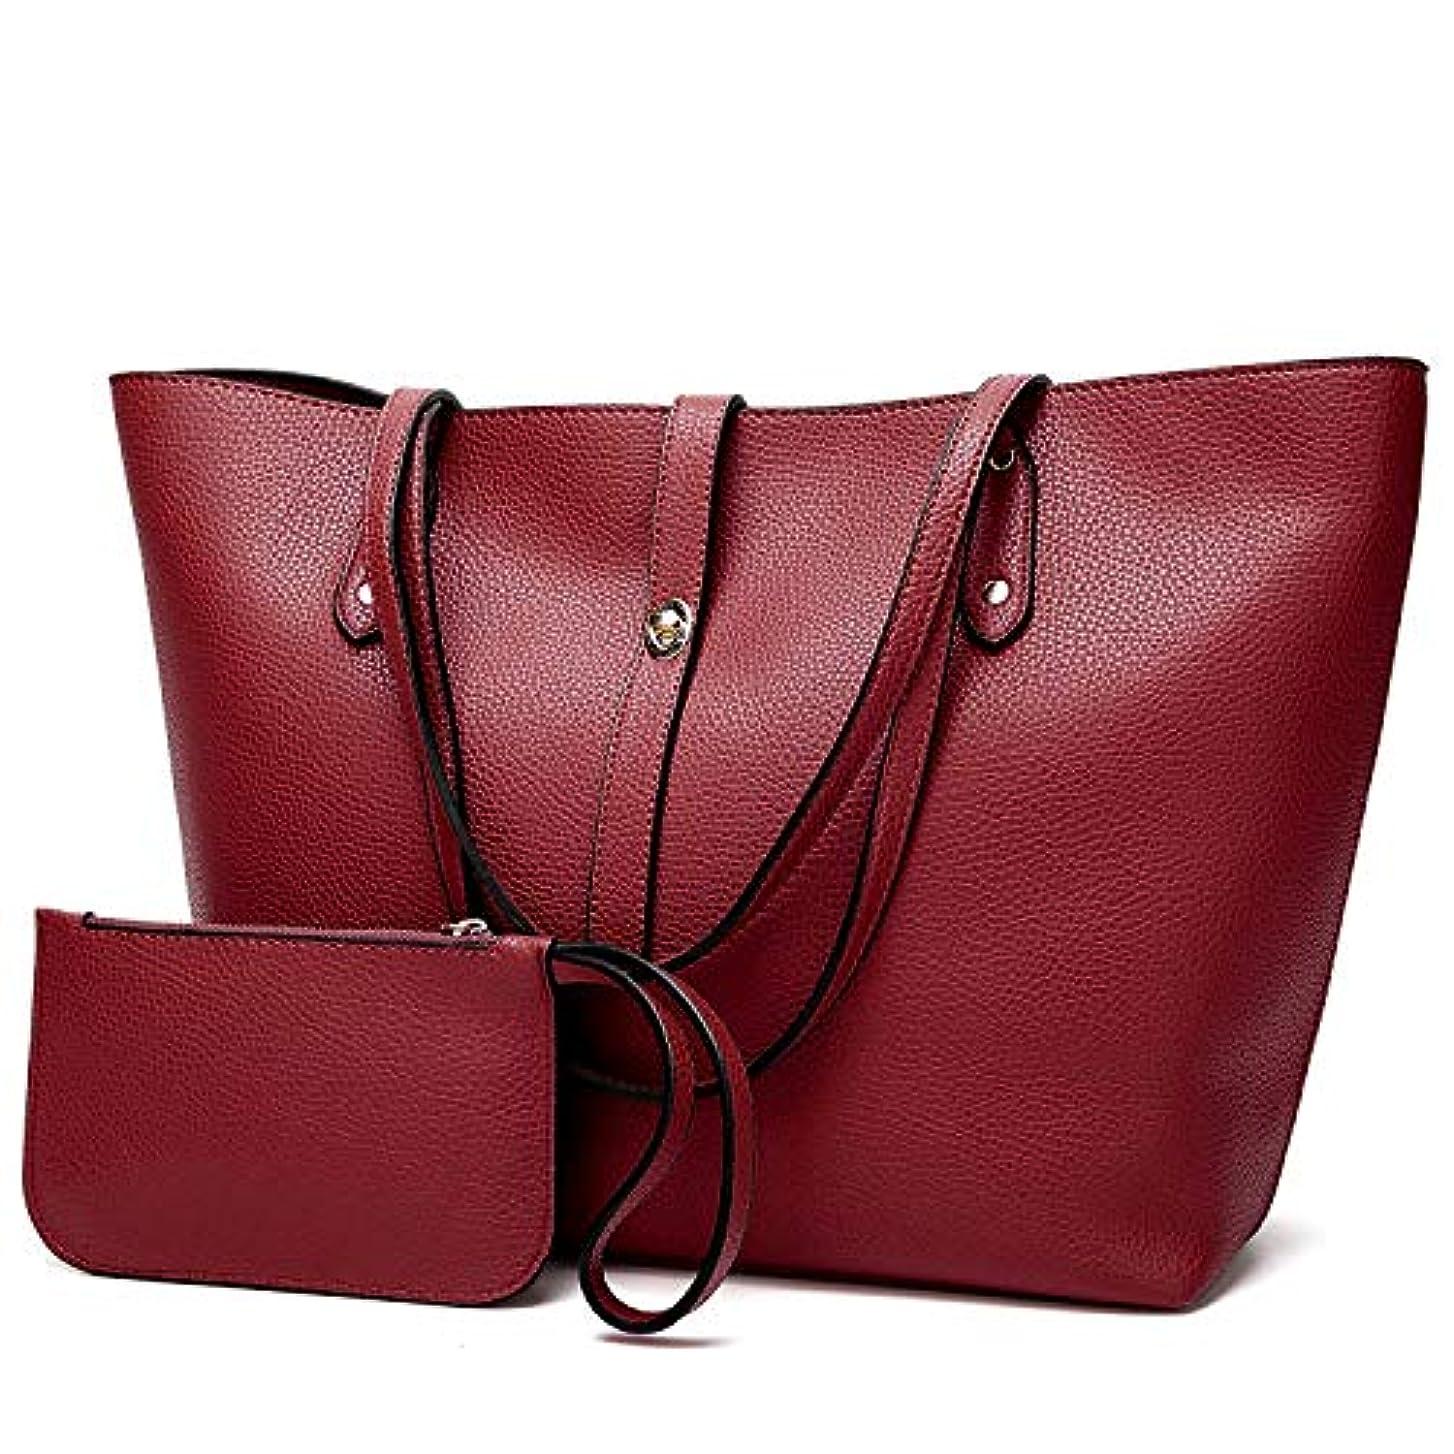 言い直すビーズずるい[TcIFE] ハンドバッグ レディース トートバッグ 大容量 無地 ショルダーバッグ 2way 財布とハンドバッグ